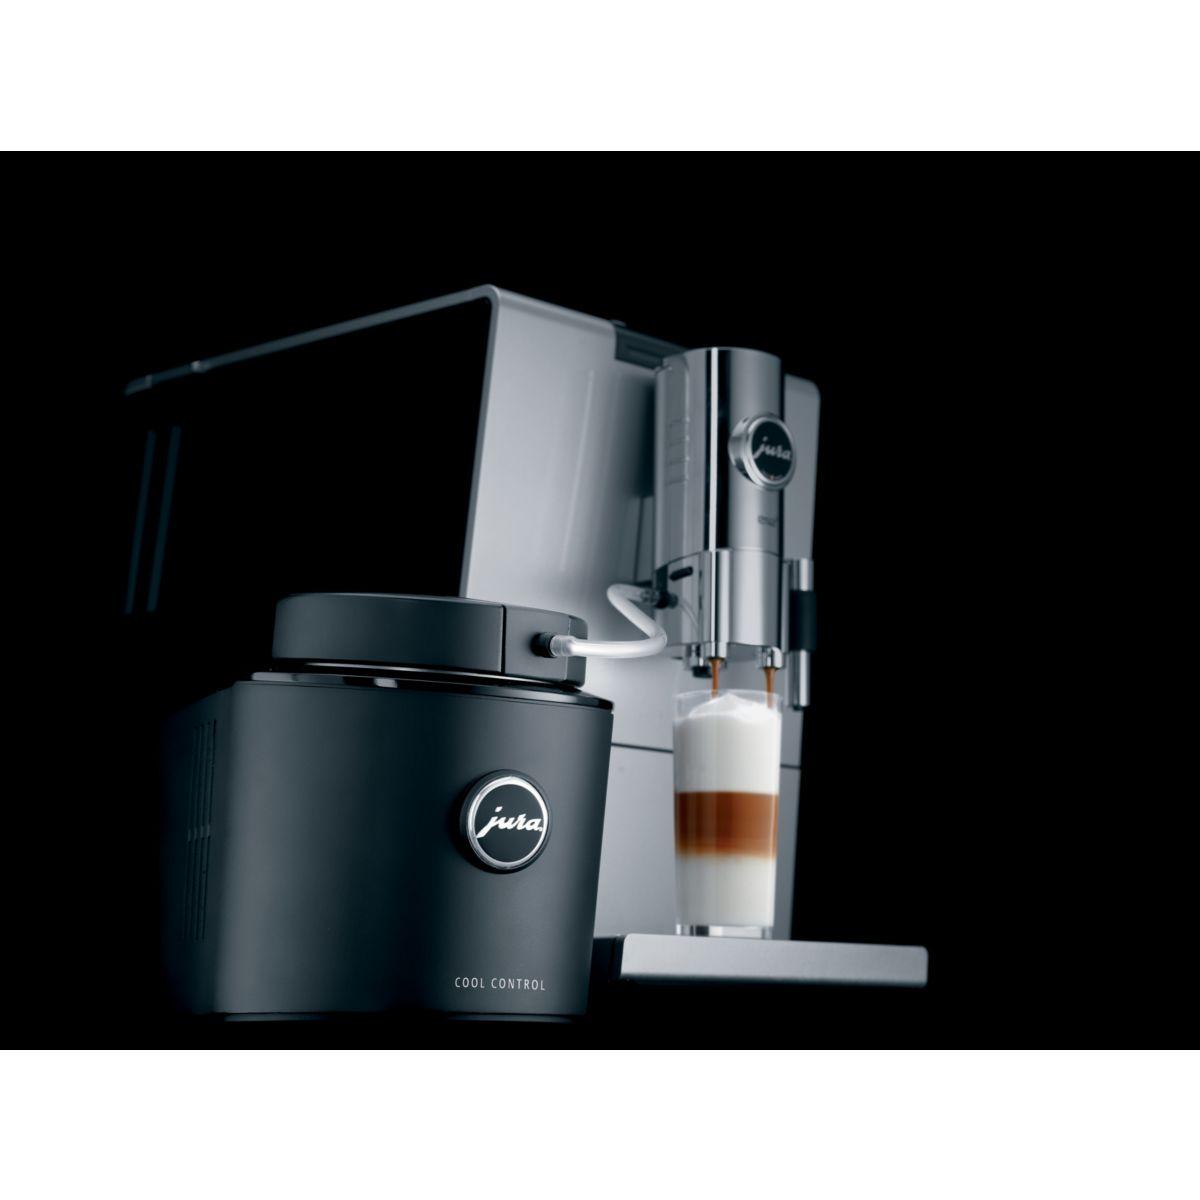 Jura cool control lait new 0.6l 69294 - livraison offerte : code livpremium (photo)